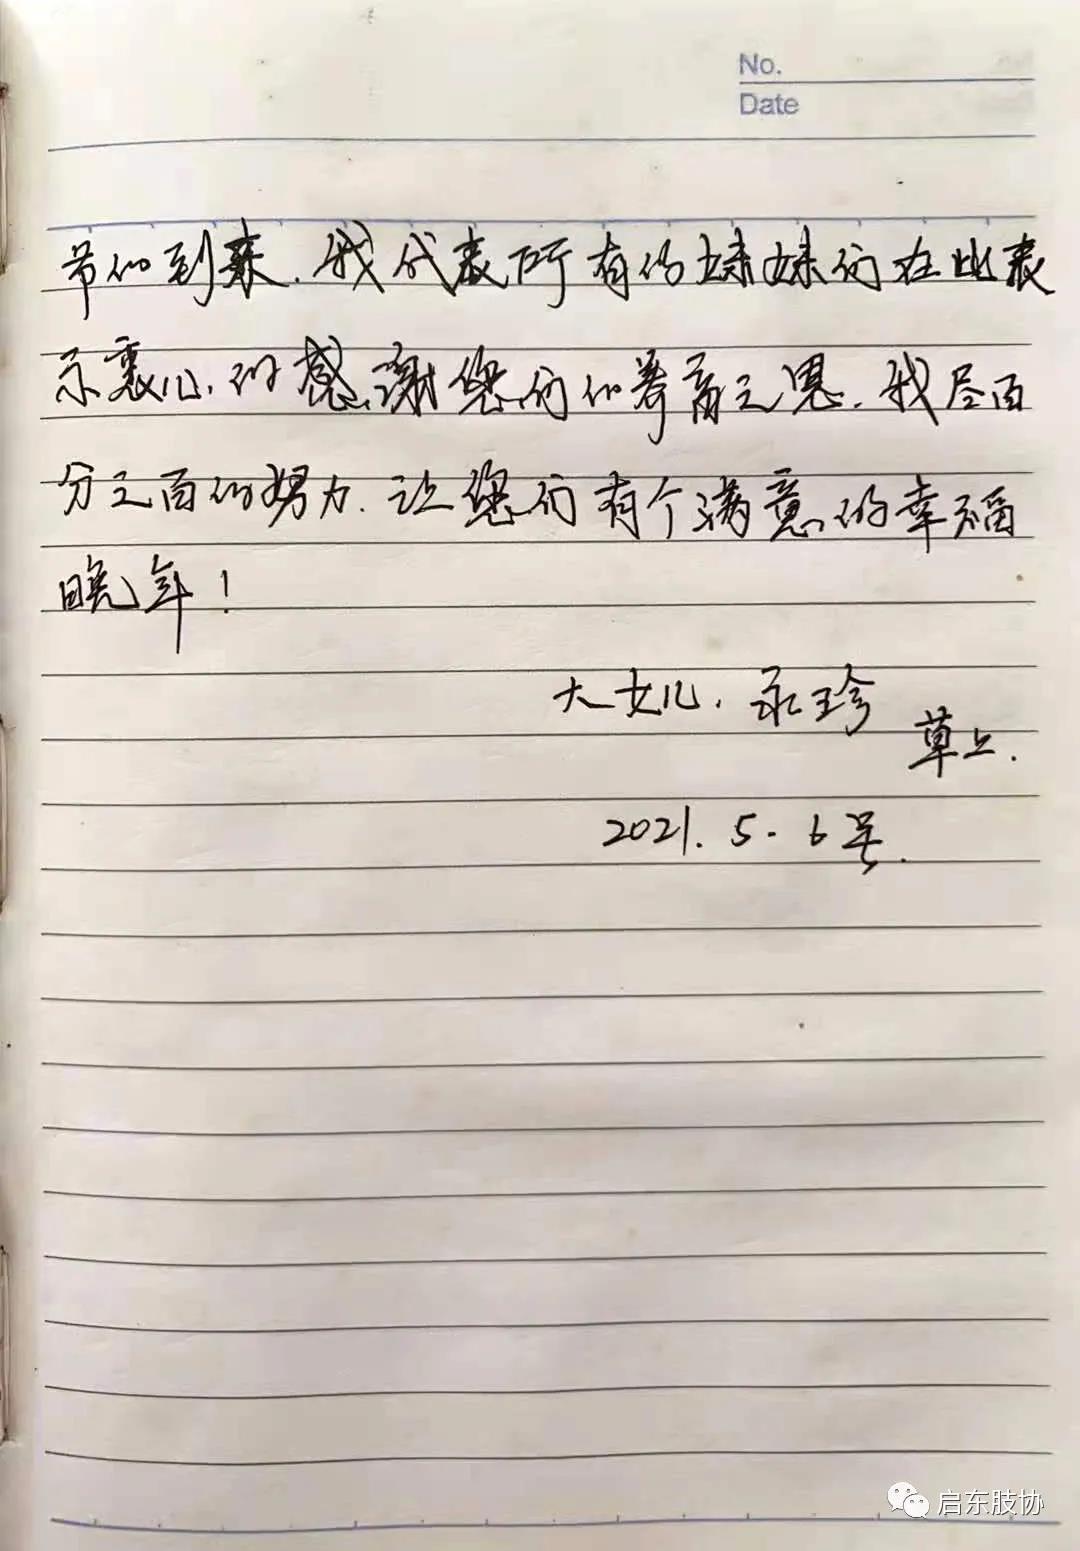 【母亲节】给妈妈写一封信-启东肢协2021年母亲节特别奉献